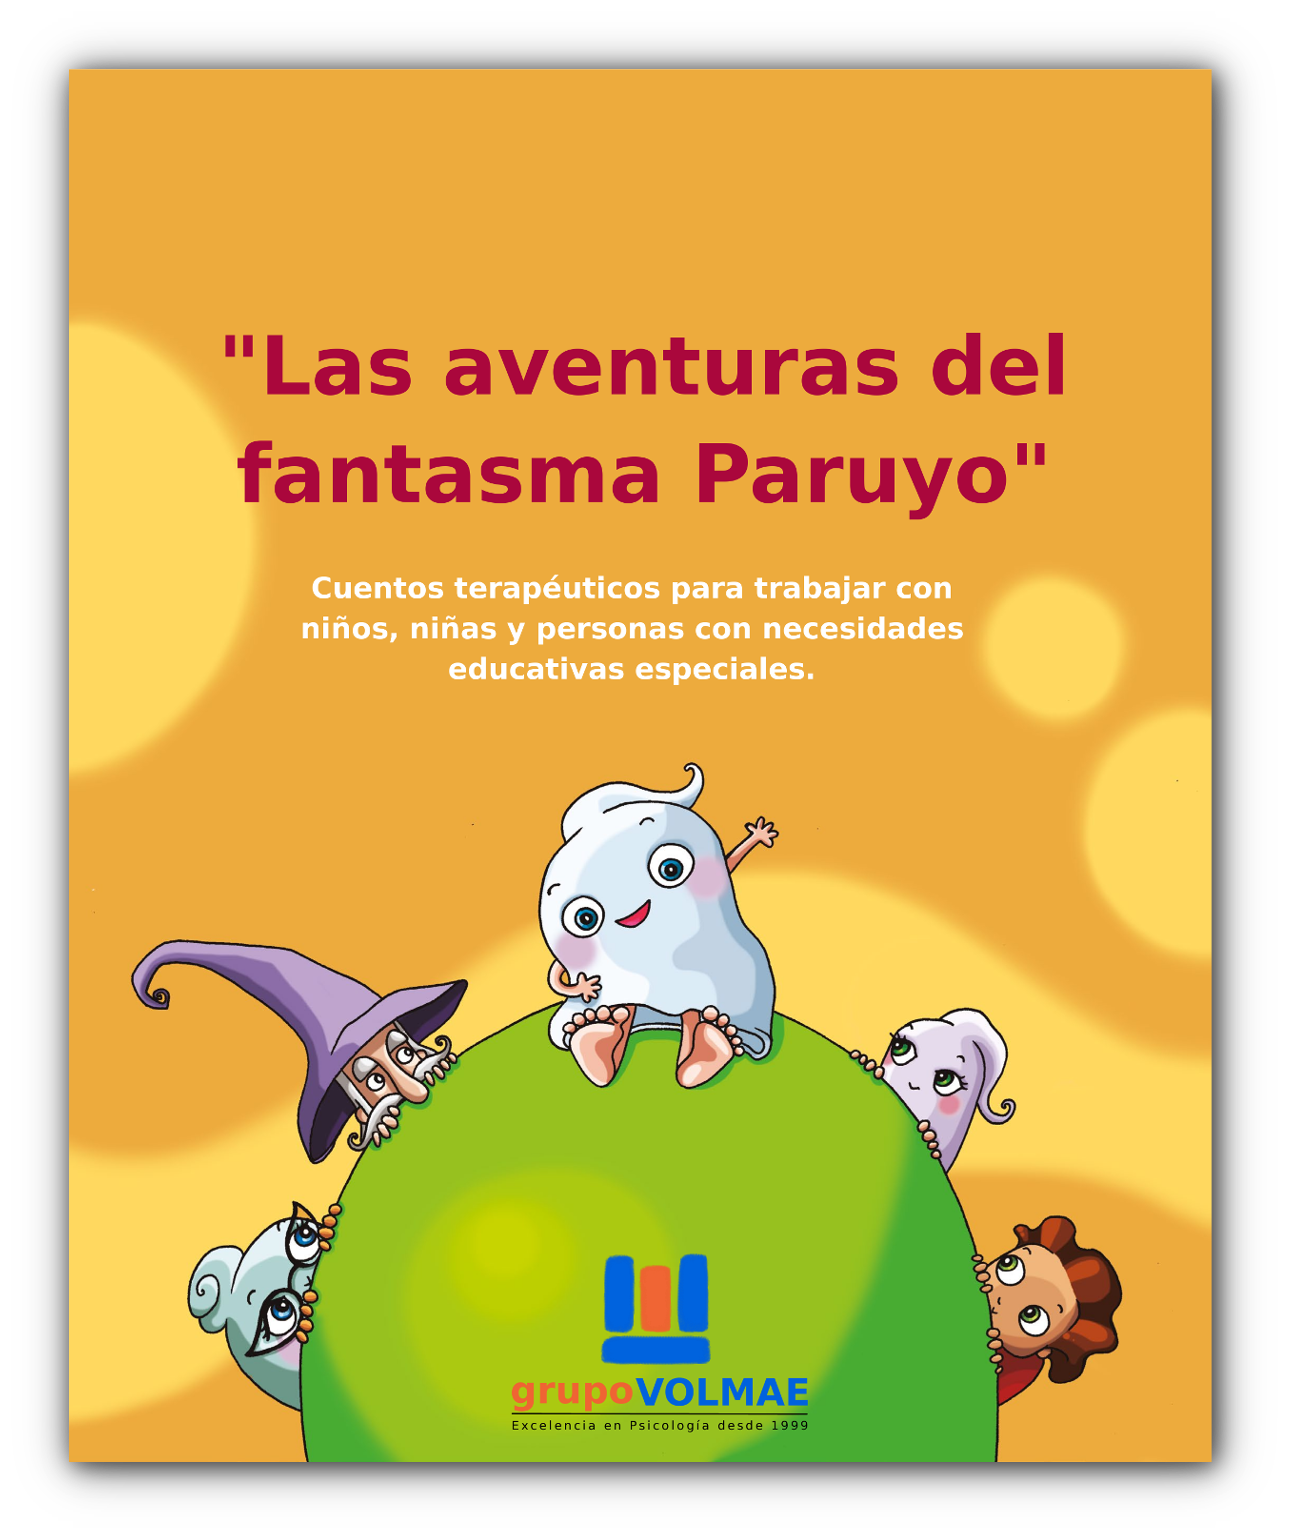 Paruyo 2